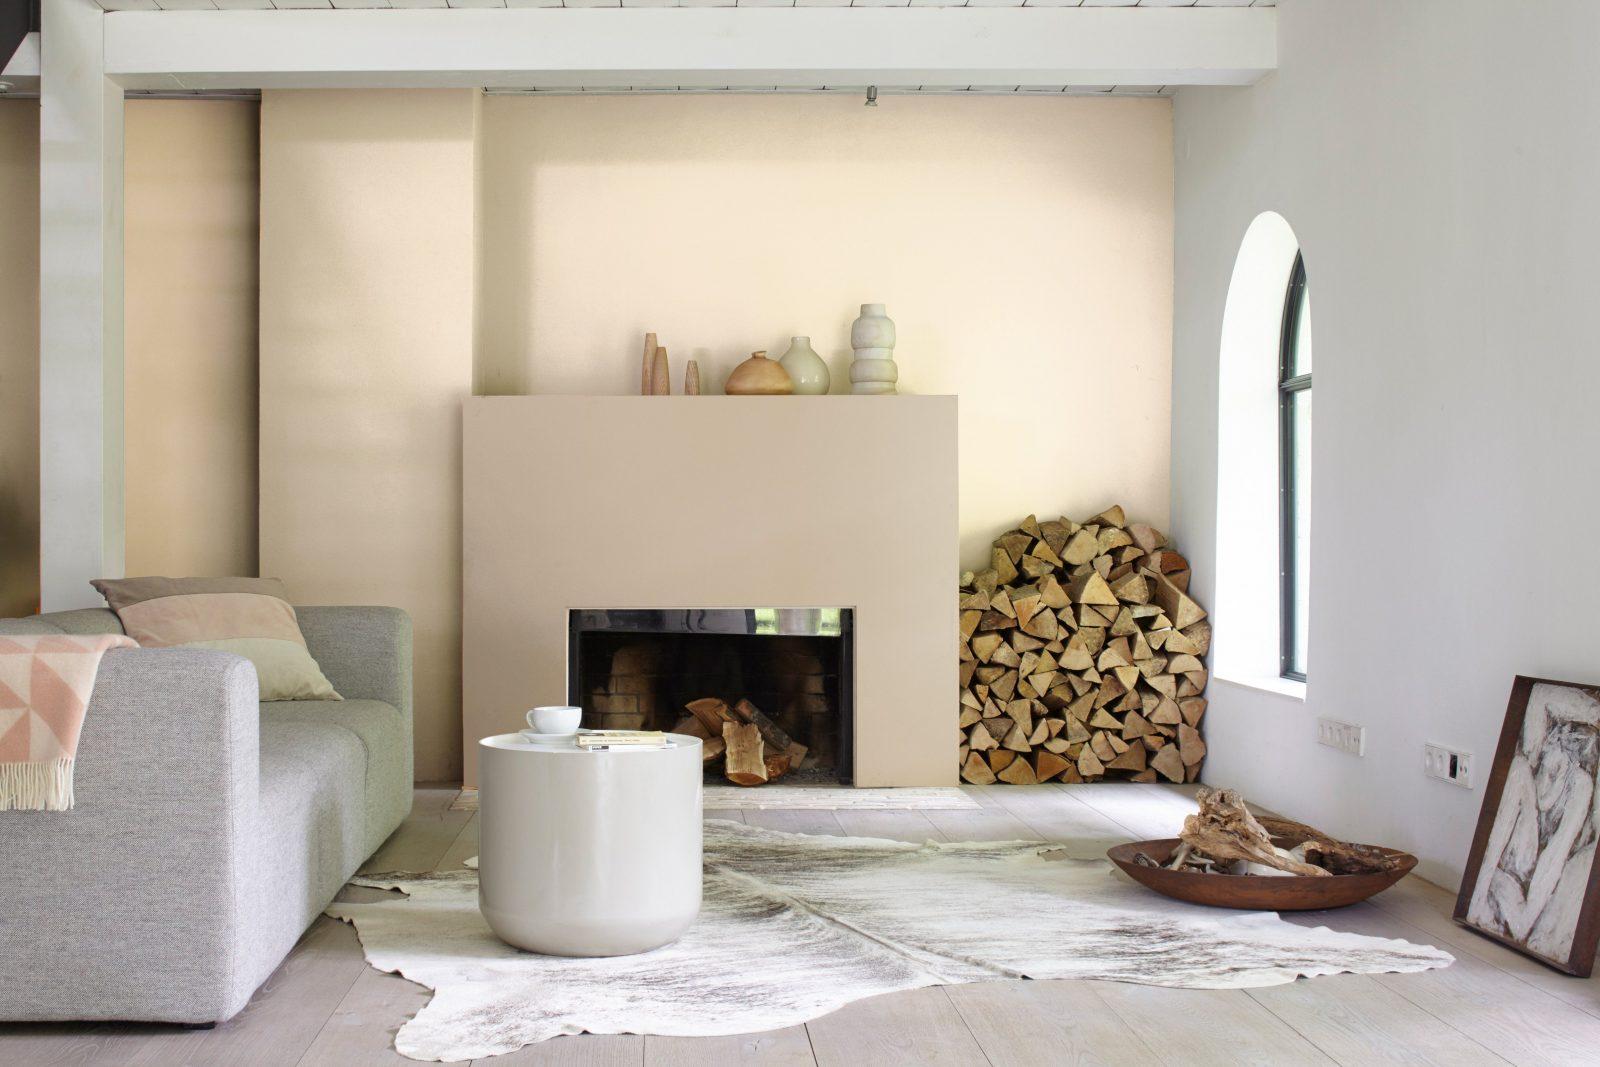 Splendid Ideas Wohnzimmer Farblich Gestalten Braun  Home Design Ideas von Wohnzimmer Farblich Gestalten Braun Photo